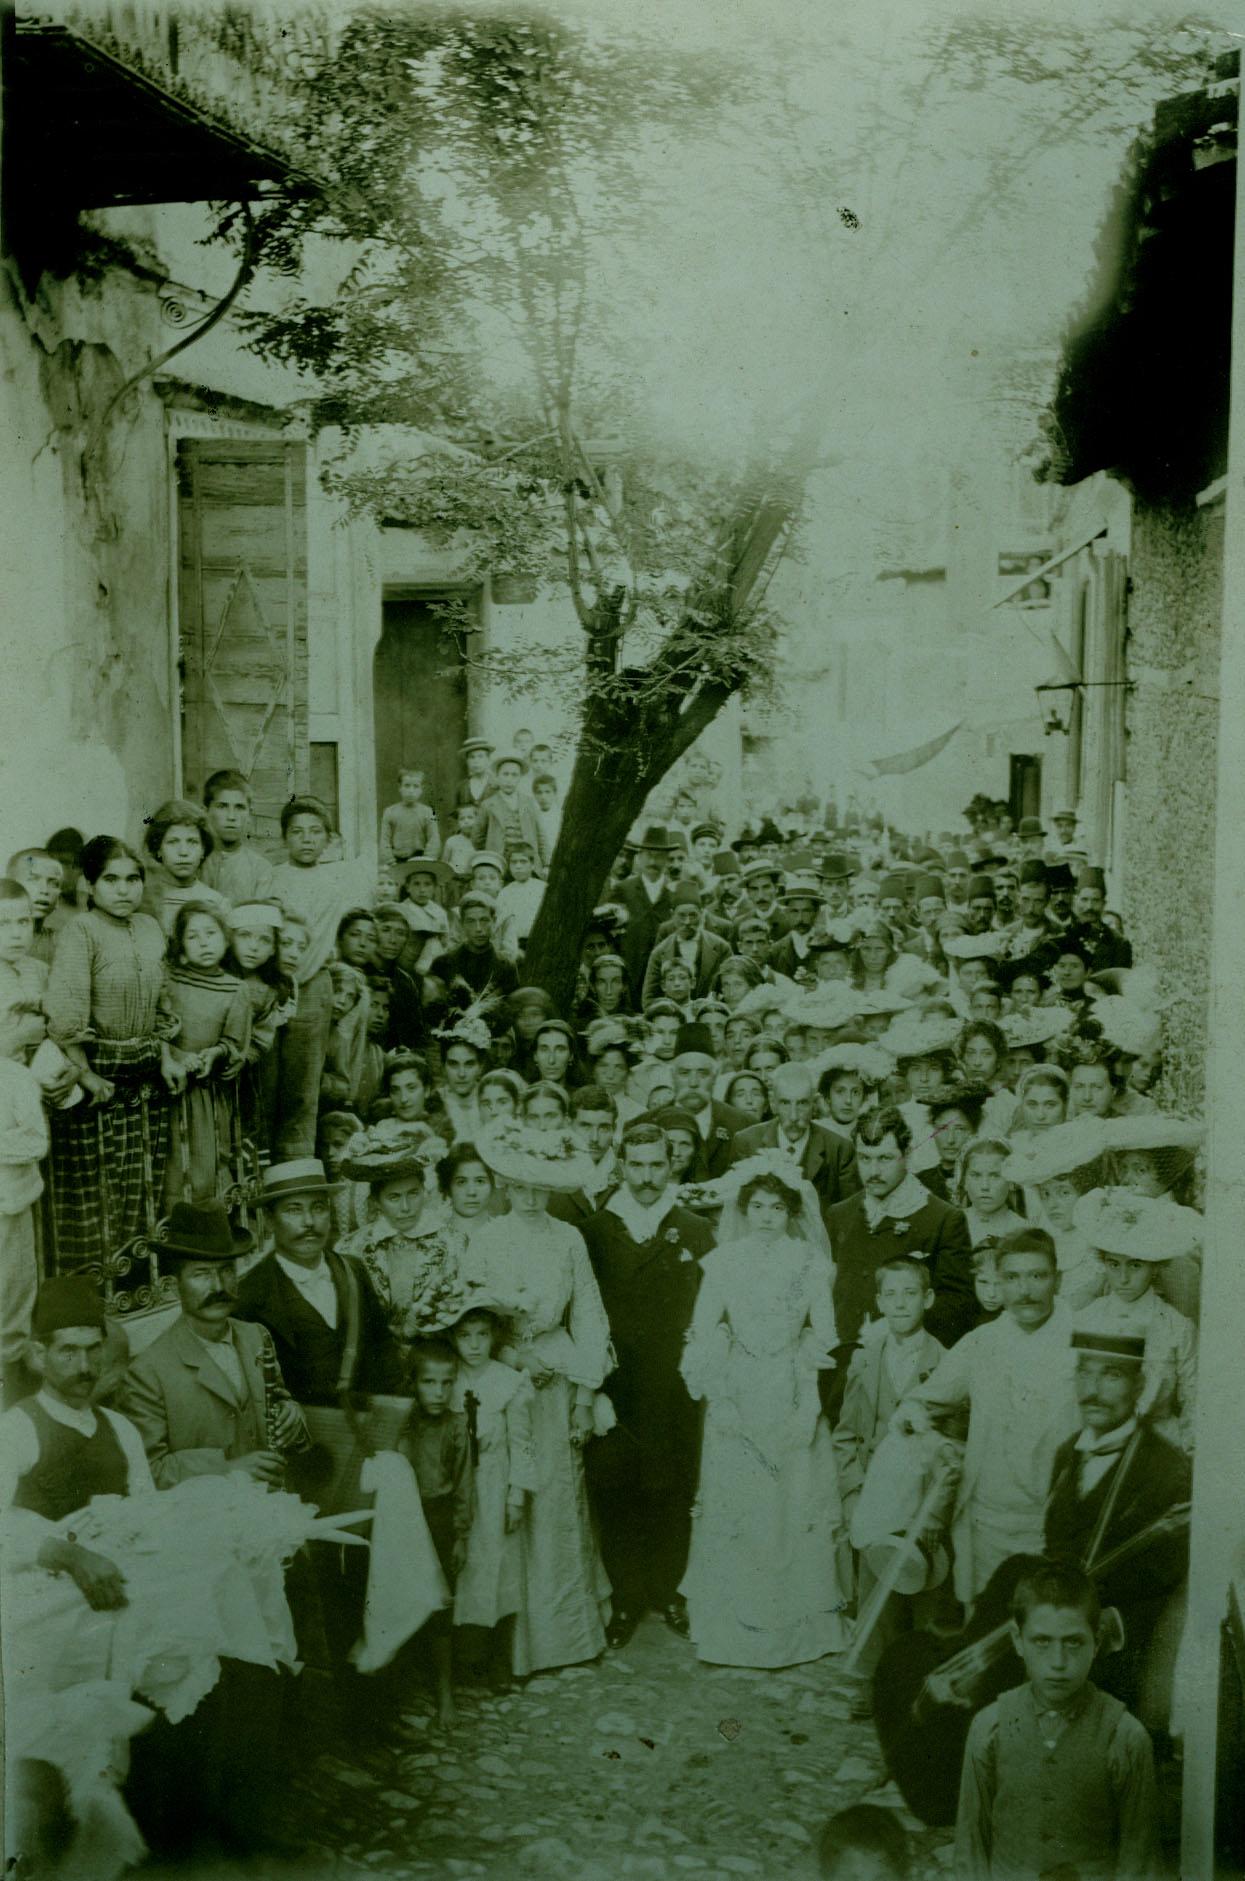 Ο γάμος του Γεωργίου Κουντουρά με την Ειρήνη Χατζηγιάννη. Σκόπελος Γέρας, 9 Νοεμβρίου 1880. Φωτογράφος : Ιωάννης Γ. Φεργαδιώτης, Φωτογράφος Σμύρνης.